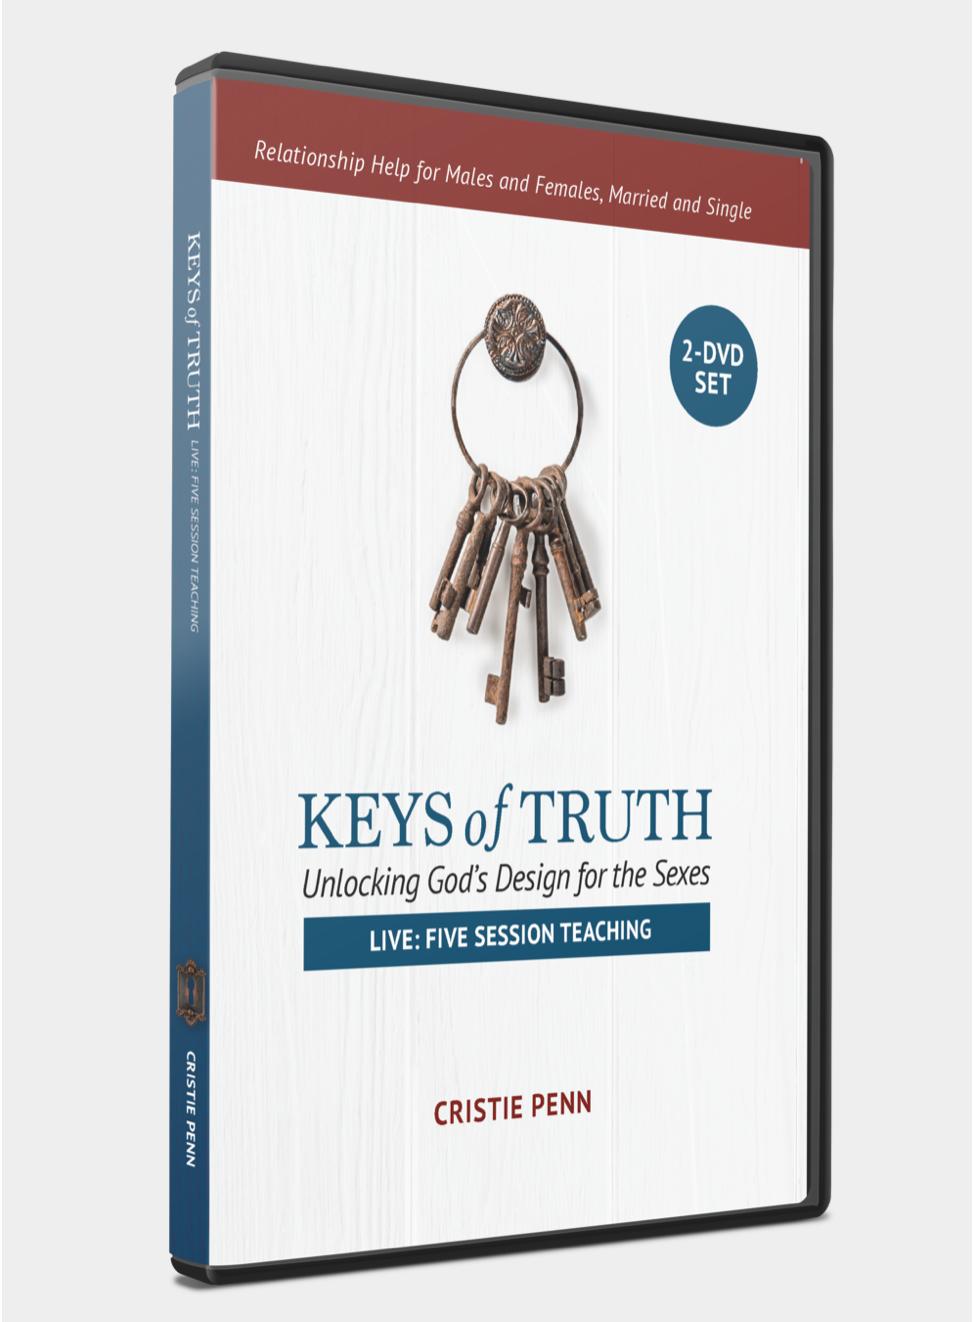 Keys of Truth DVD